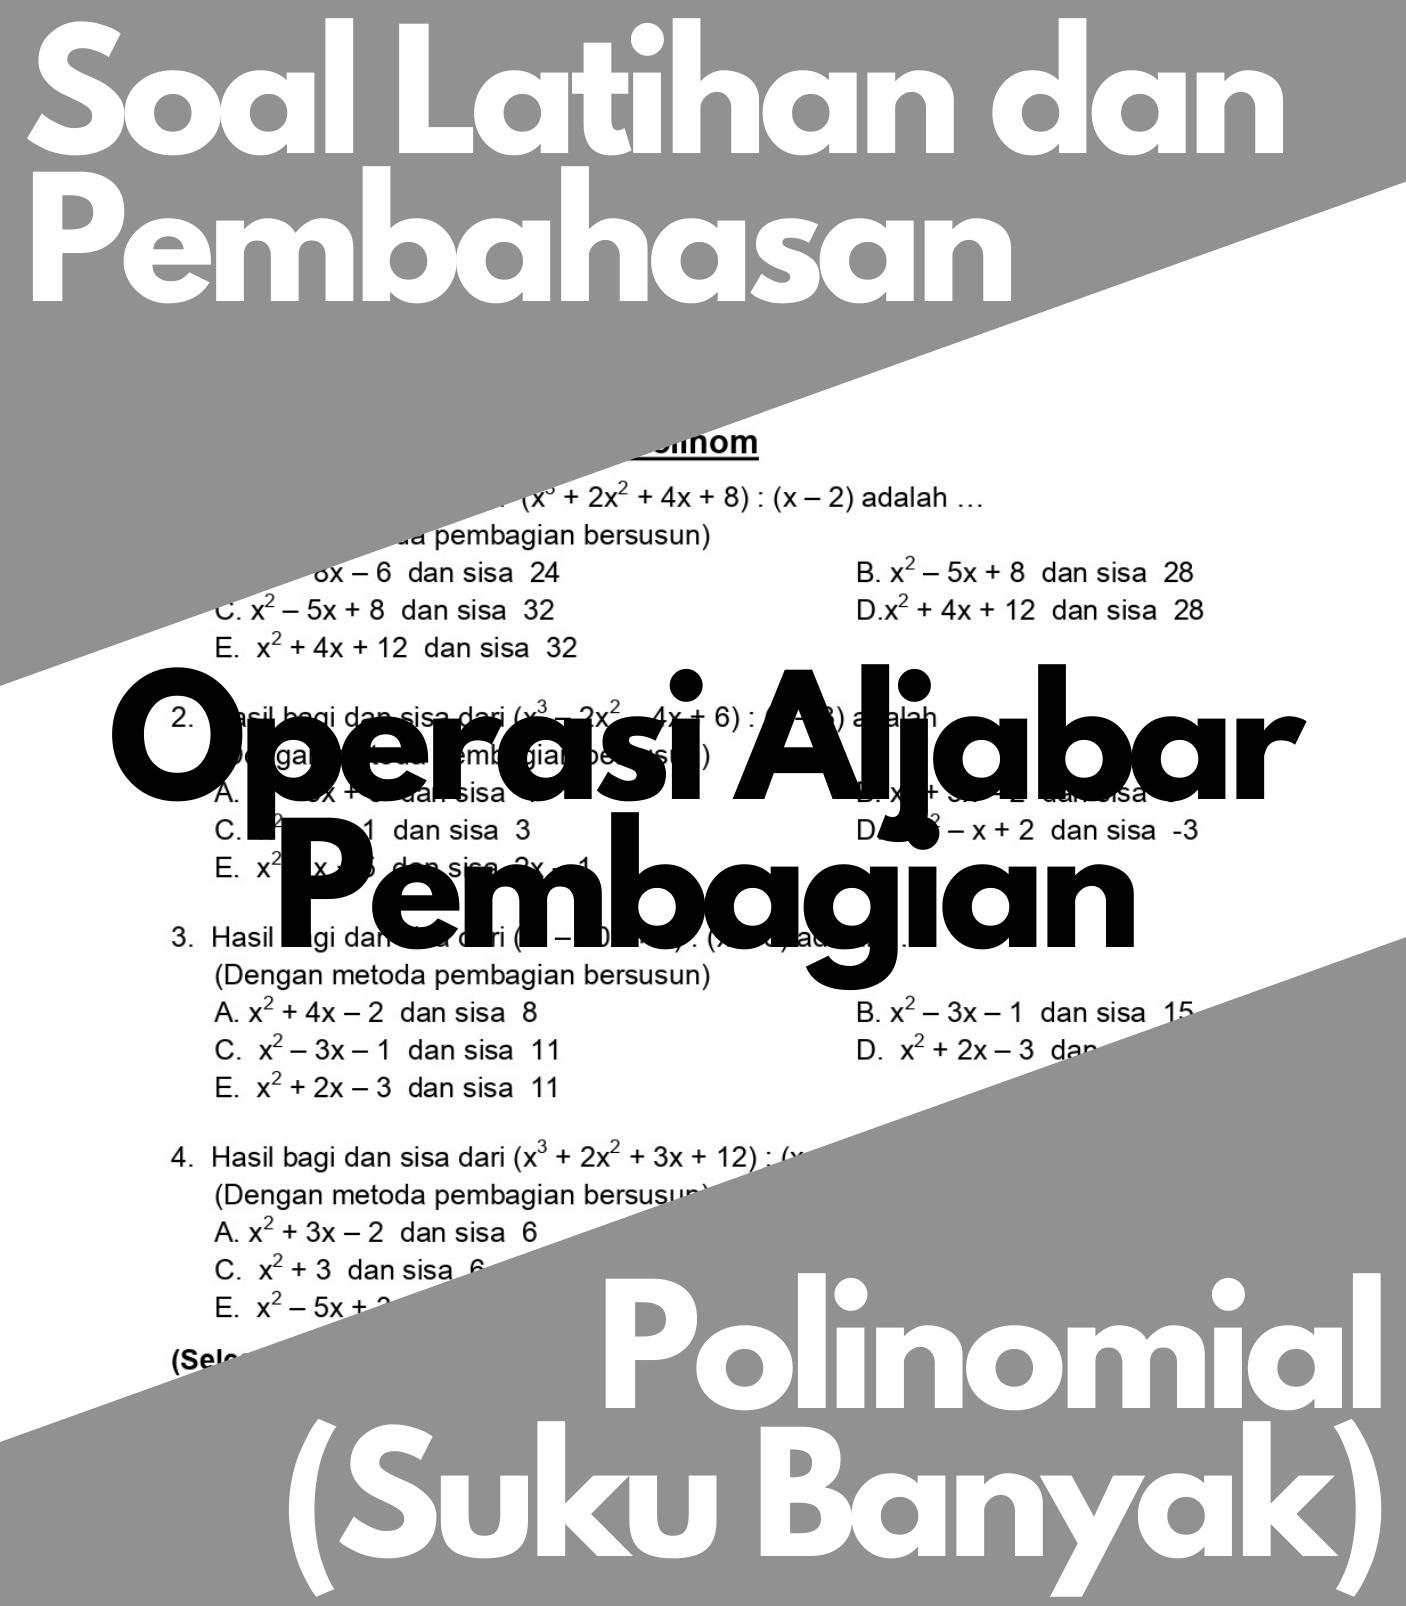 Matematika Dasar SMA: Soal Latihan dan Pembahasan Operasi Pembagian Pada Suku Banyak (Polinomial)